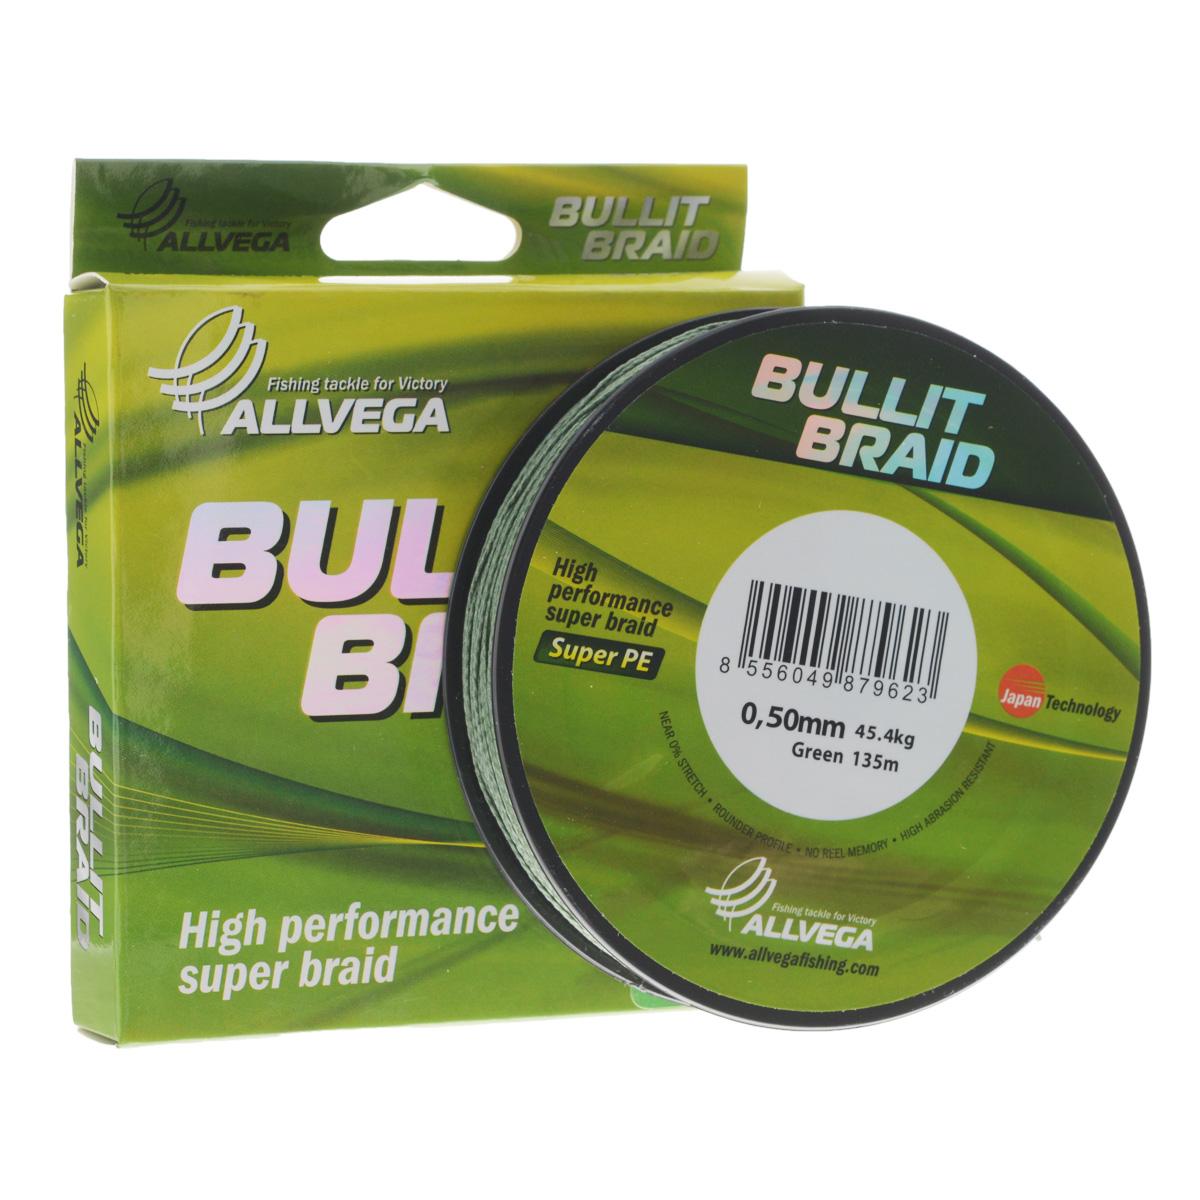 Леска плетеная Allvega Bullit Braid, цвет: темно-зеленый, 135 м, 0,50 мм, 45,4 кг36153Леска Allvega Bullit Braid с гладкой поверхностью и одинаковым сечением по всей длине обладает высокой износостойкостью. Благодаря микроволокнам полиэтилена (Super PE) леска имеет очень плотное плетение и не впитывает воду. Леску Allvega Bullit Braid можно применять в любых типах водоемов. Особенности:- повышенная износостойкость;- высокая чувствительность - коэффициент растяжения близок к нулю;- отсутствует память;- идеально гладкая поверхность позволяет увеличить дальность забросов;- высокая прочность шнура на узлах.